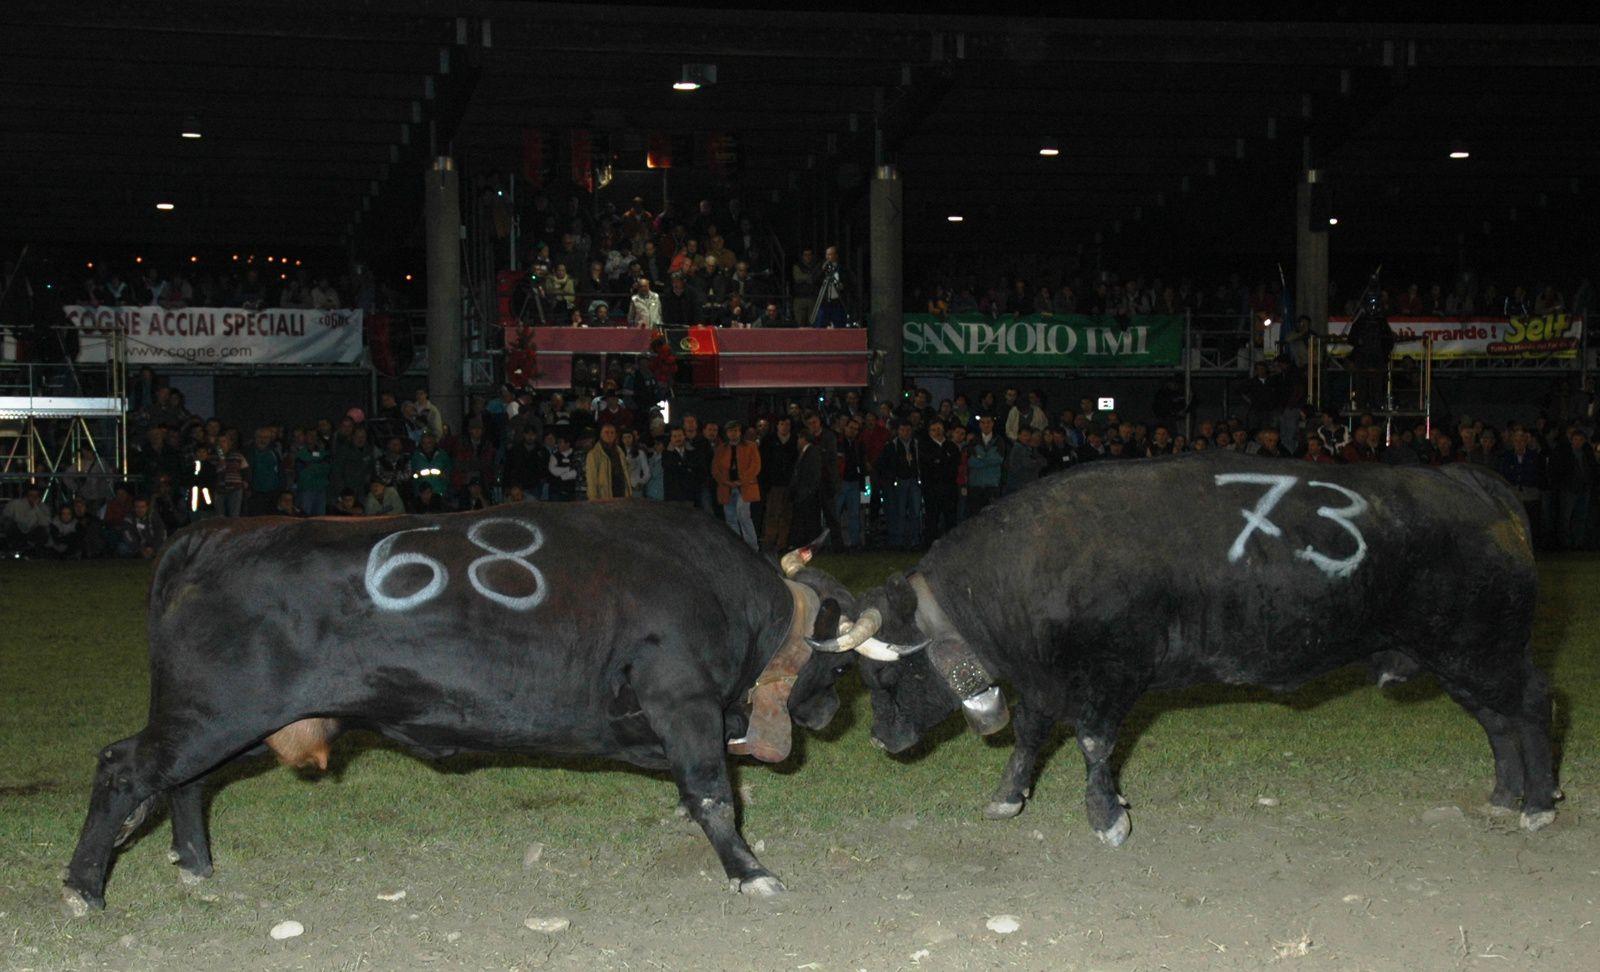 Arène de la Croix-Noire, Aoste le 22 Octobre 2006. Finale Régionale de deuxième catégorie: Difesa de Damarino Edy ( 68) avec Mourina des frères Viérin (73)